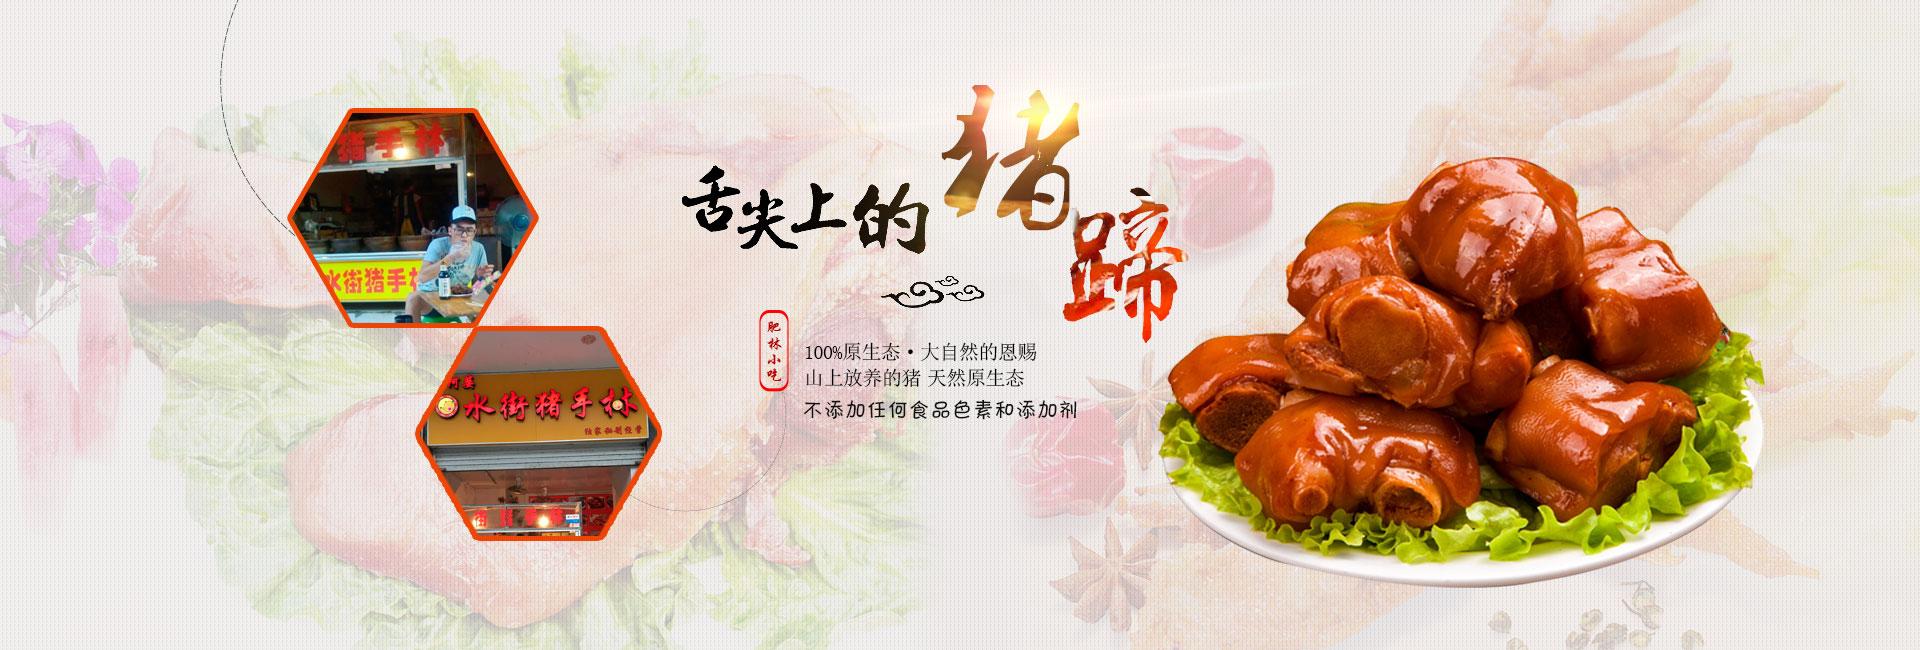 广西熟食加盟